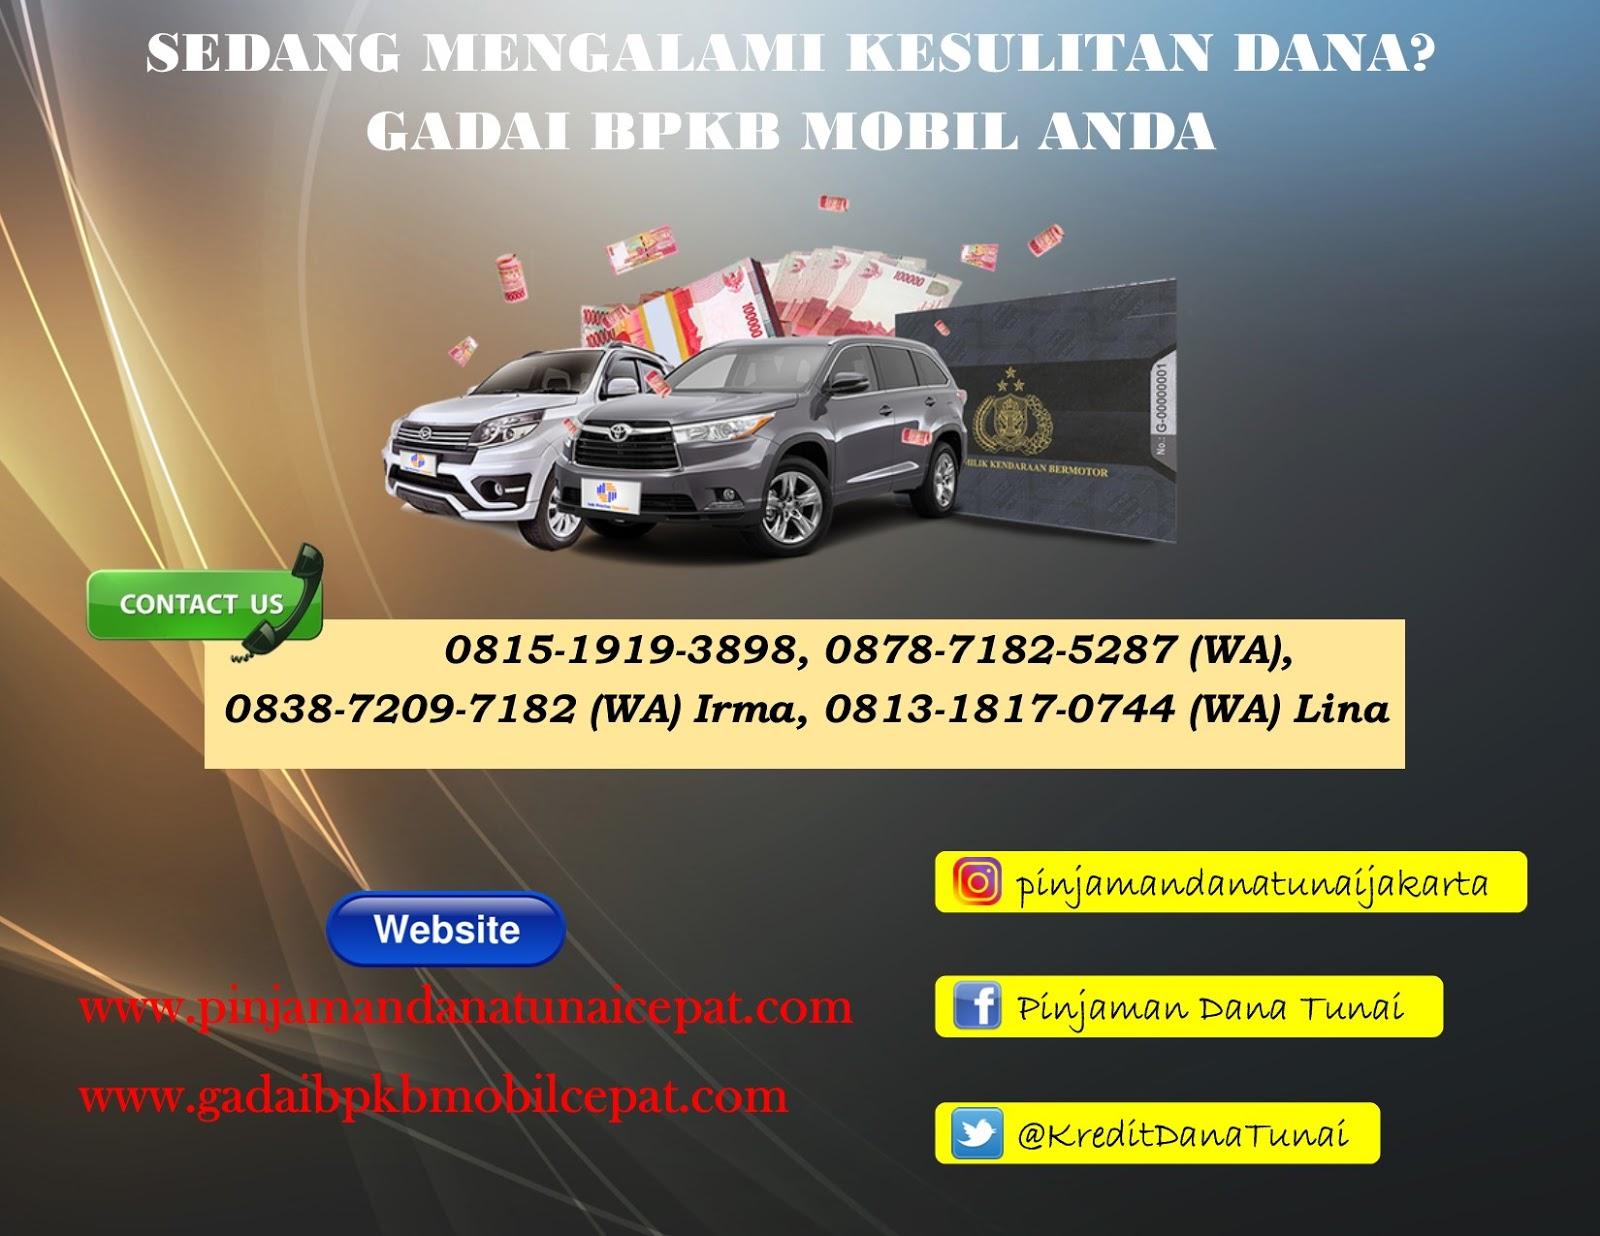 Gadai BPKB Mobil Jakarta Tangerang: KESULITAN DANA? GADAI ...